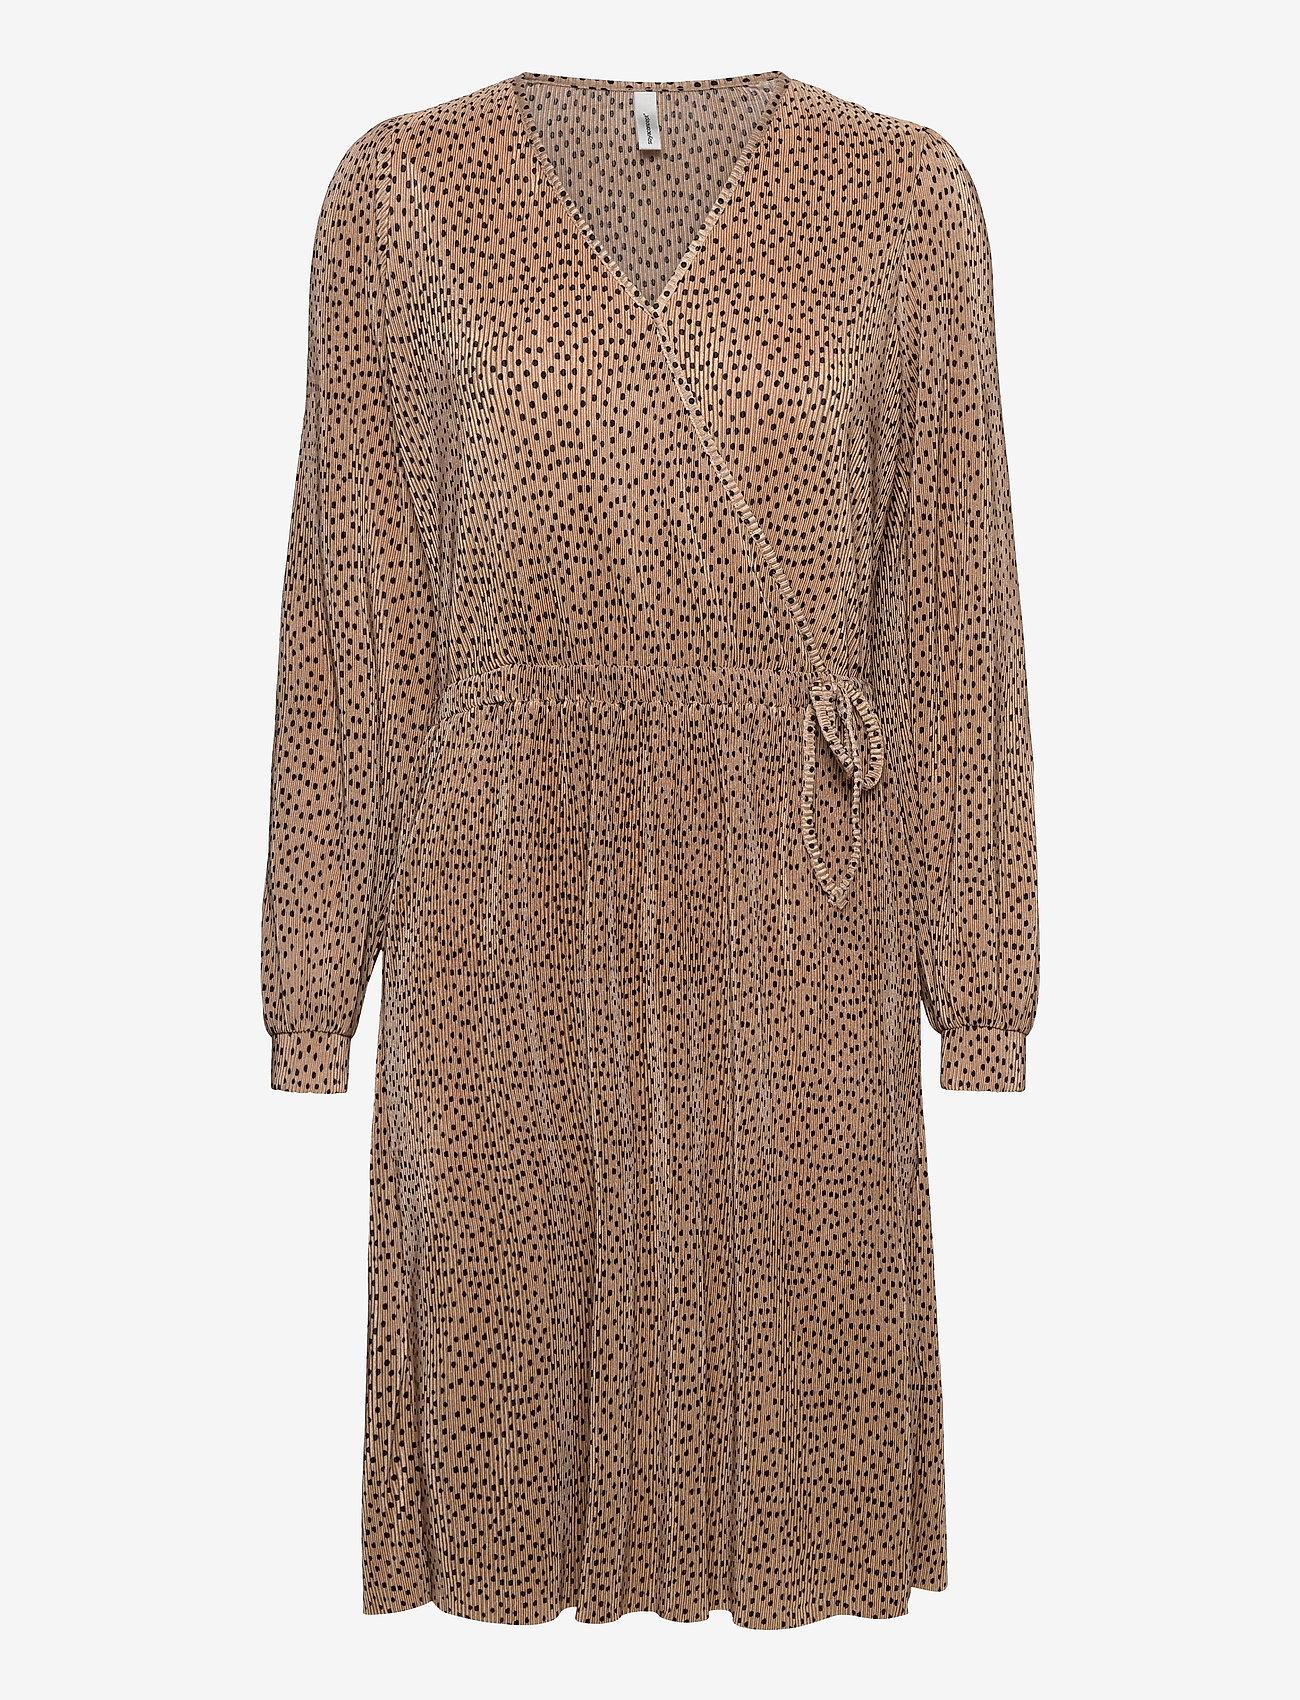 Soyaconcept - SC-NELLIE - midi dresses - camel combi - 0